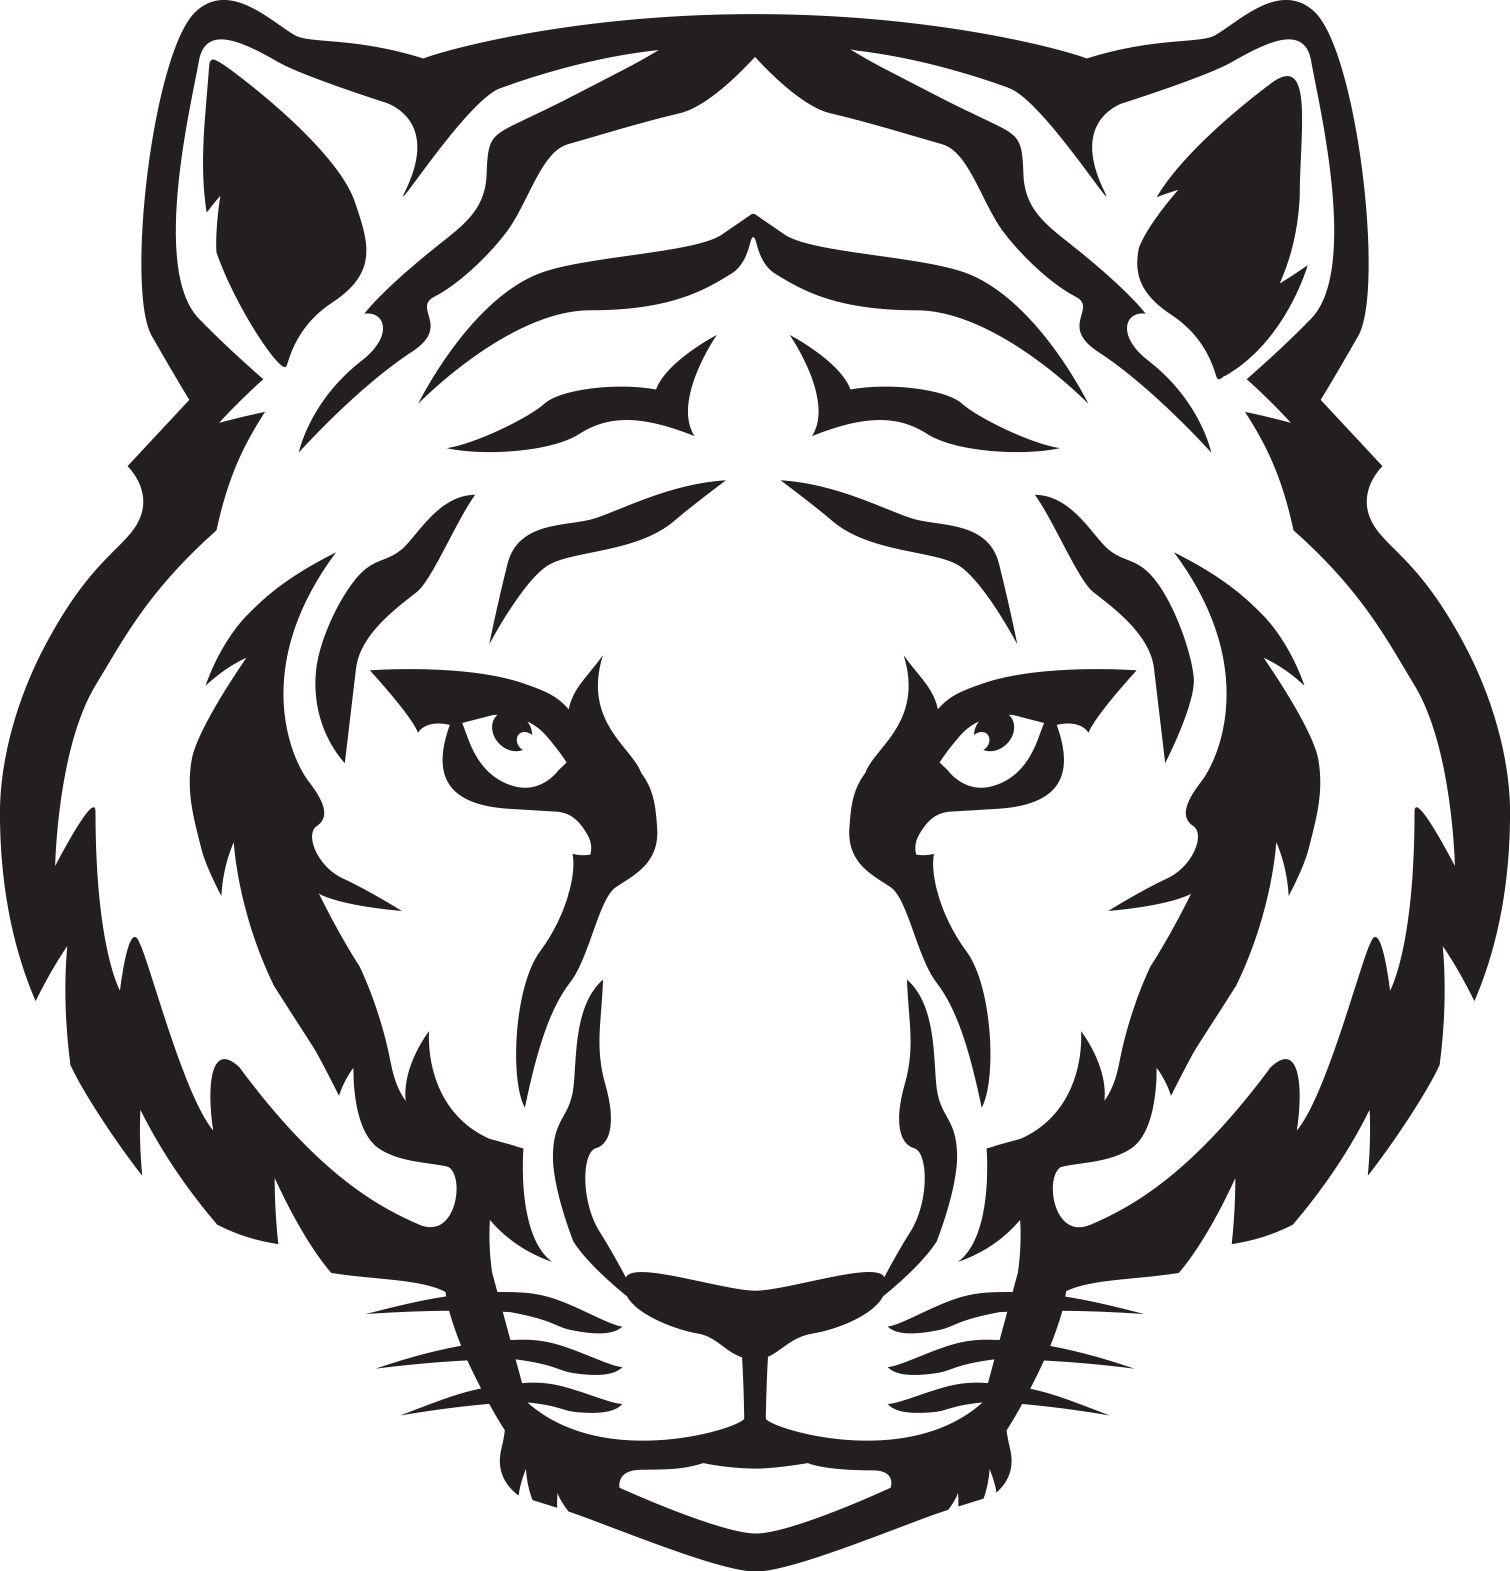 Tiger head outline.